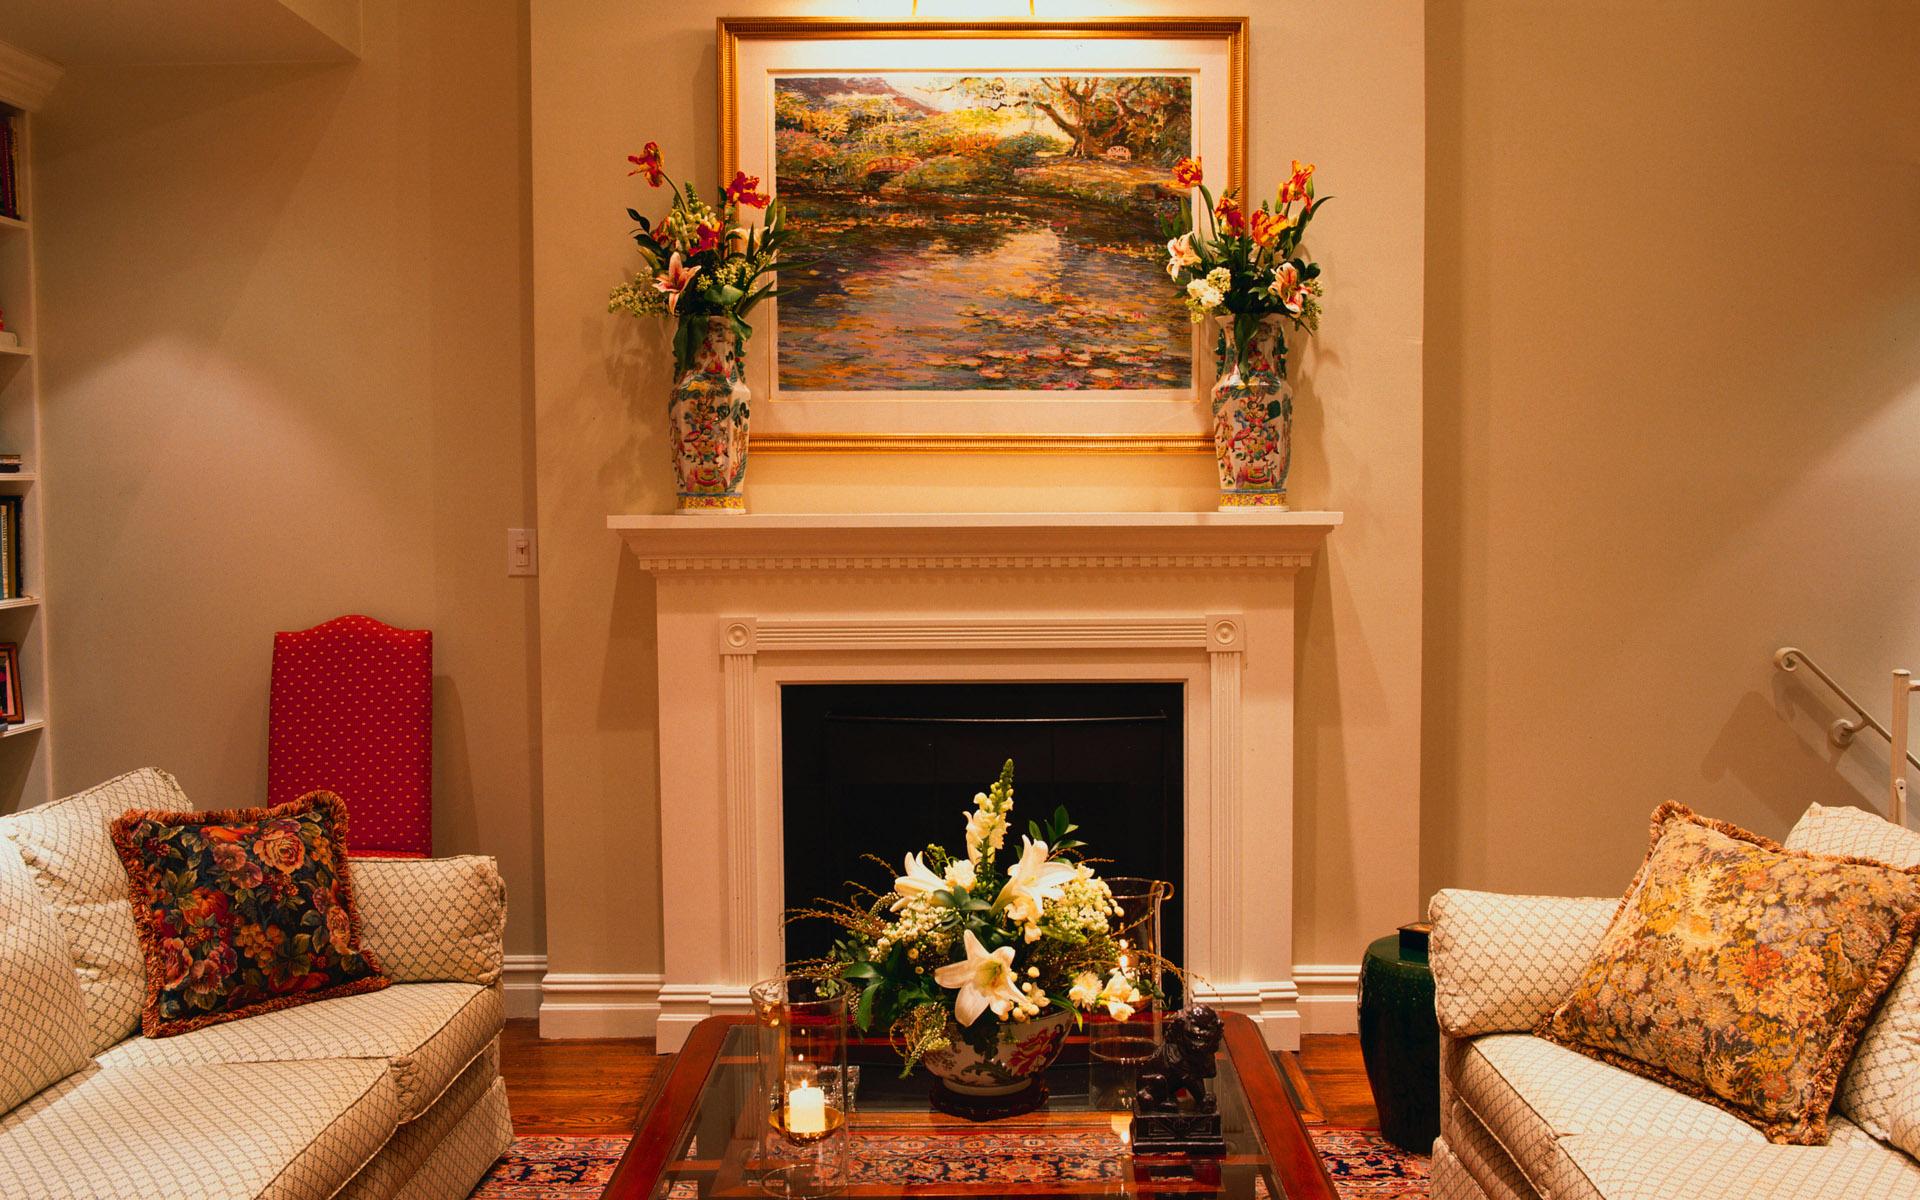 Интерьер гостиной фото с камином